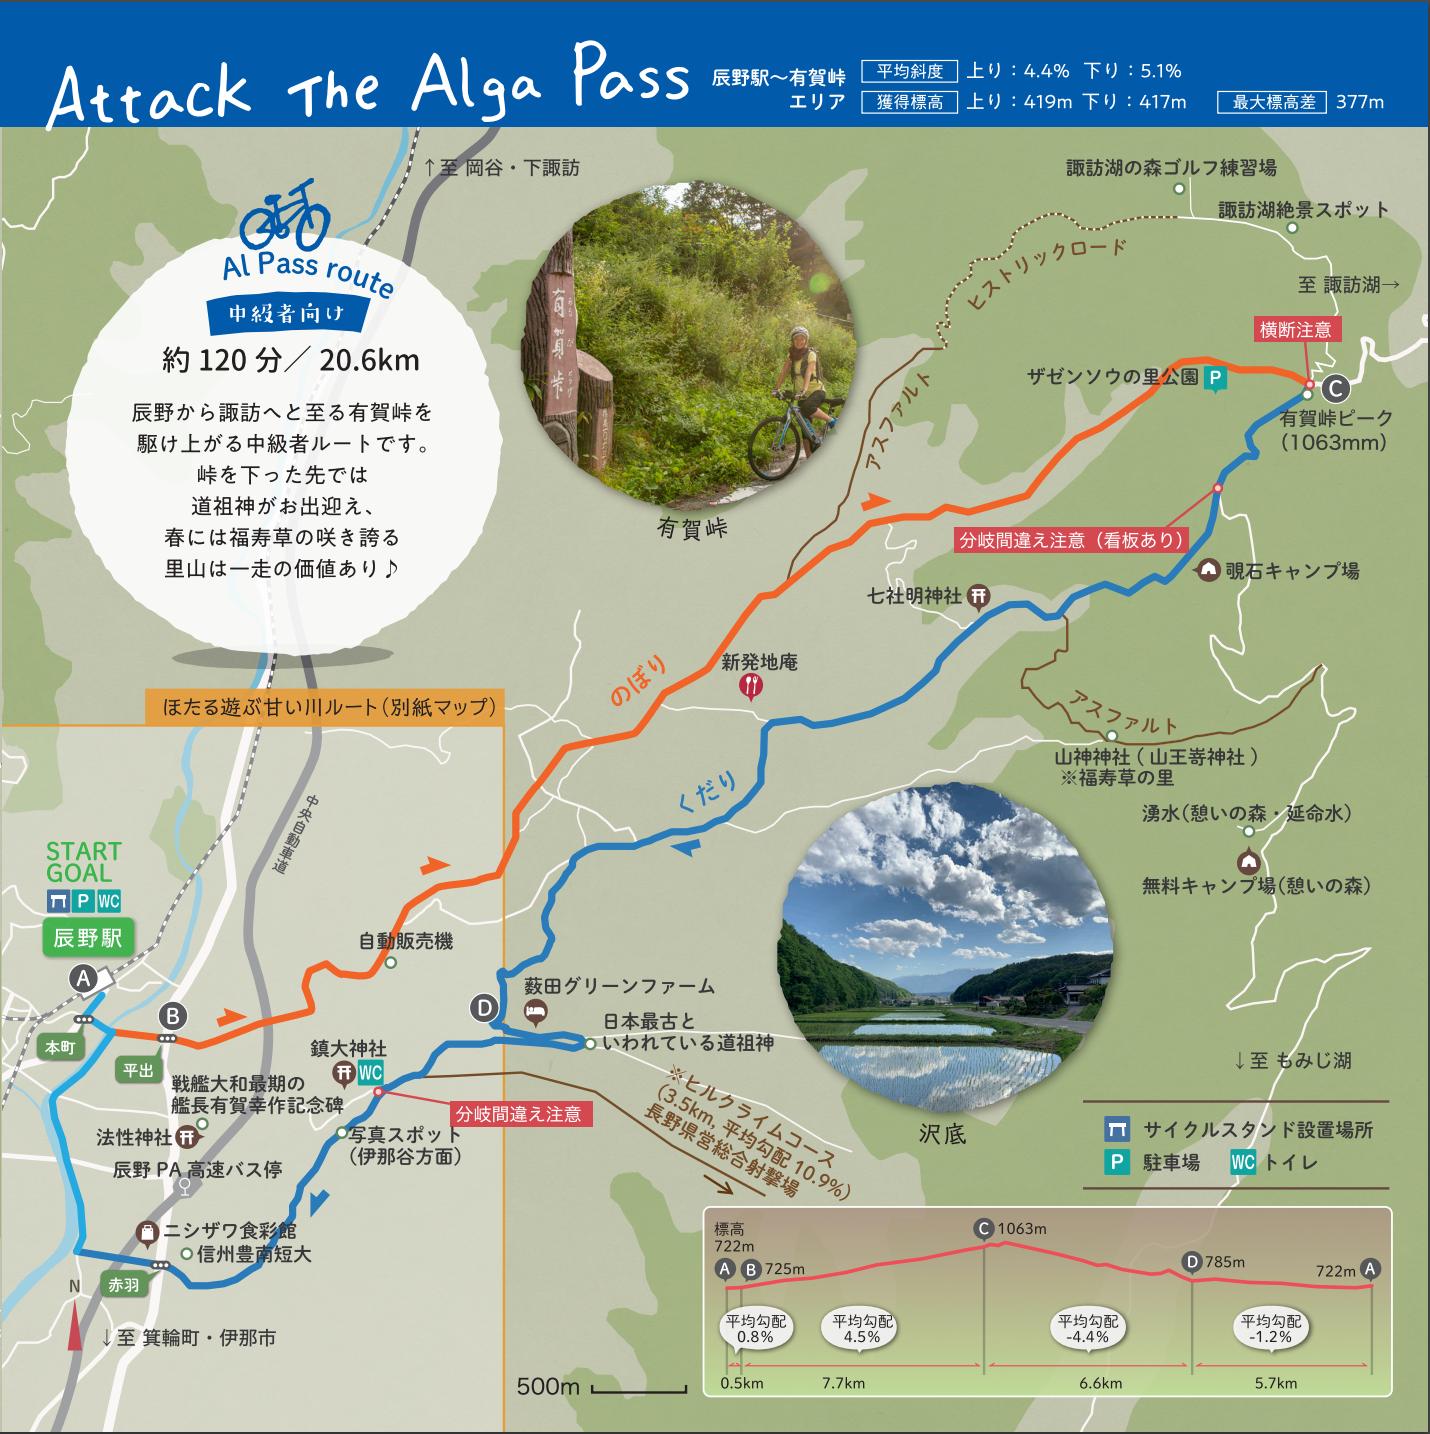 アルパスルート -Attack The Alga Pass -